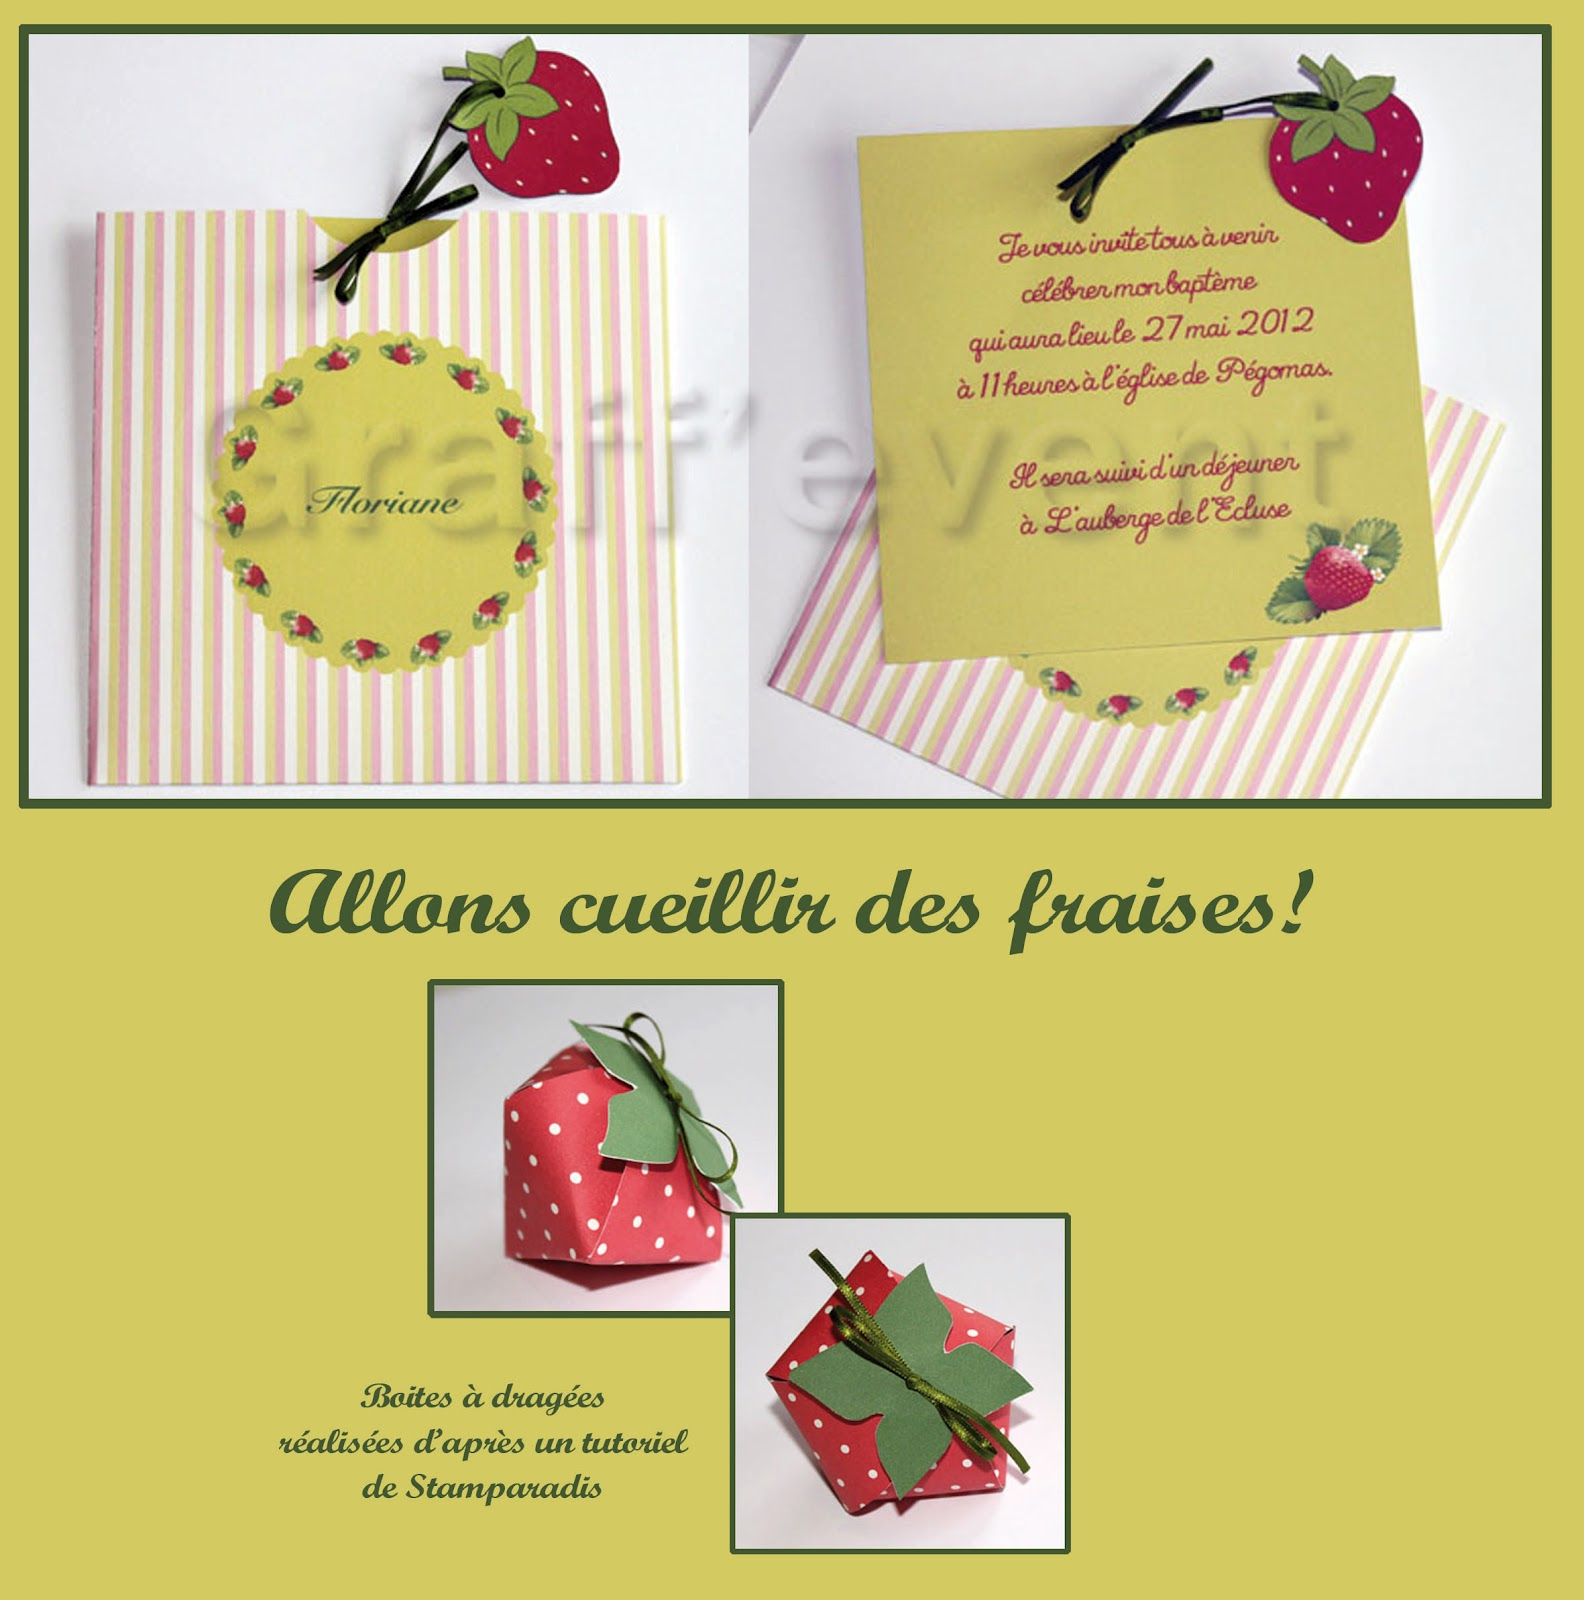 Graff 39 event allons cueillir des fraises - Comment cueillir des fraises ...